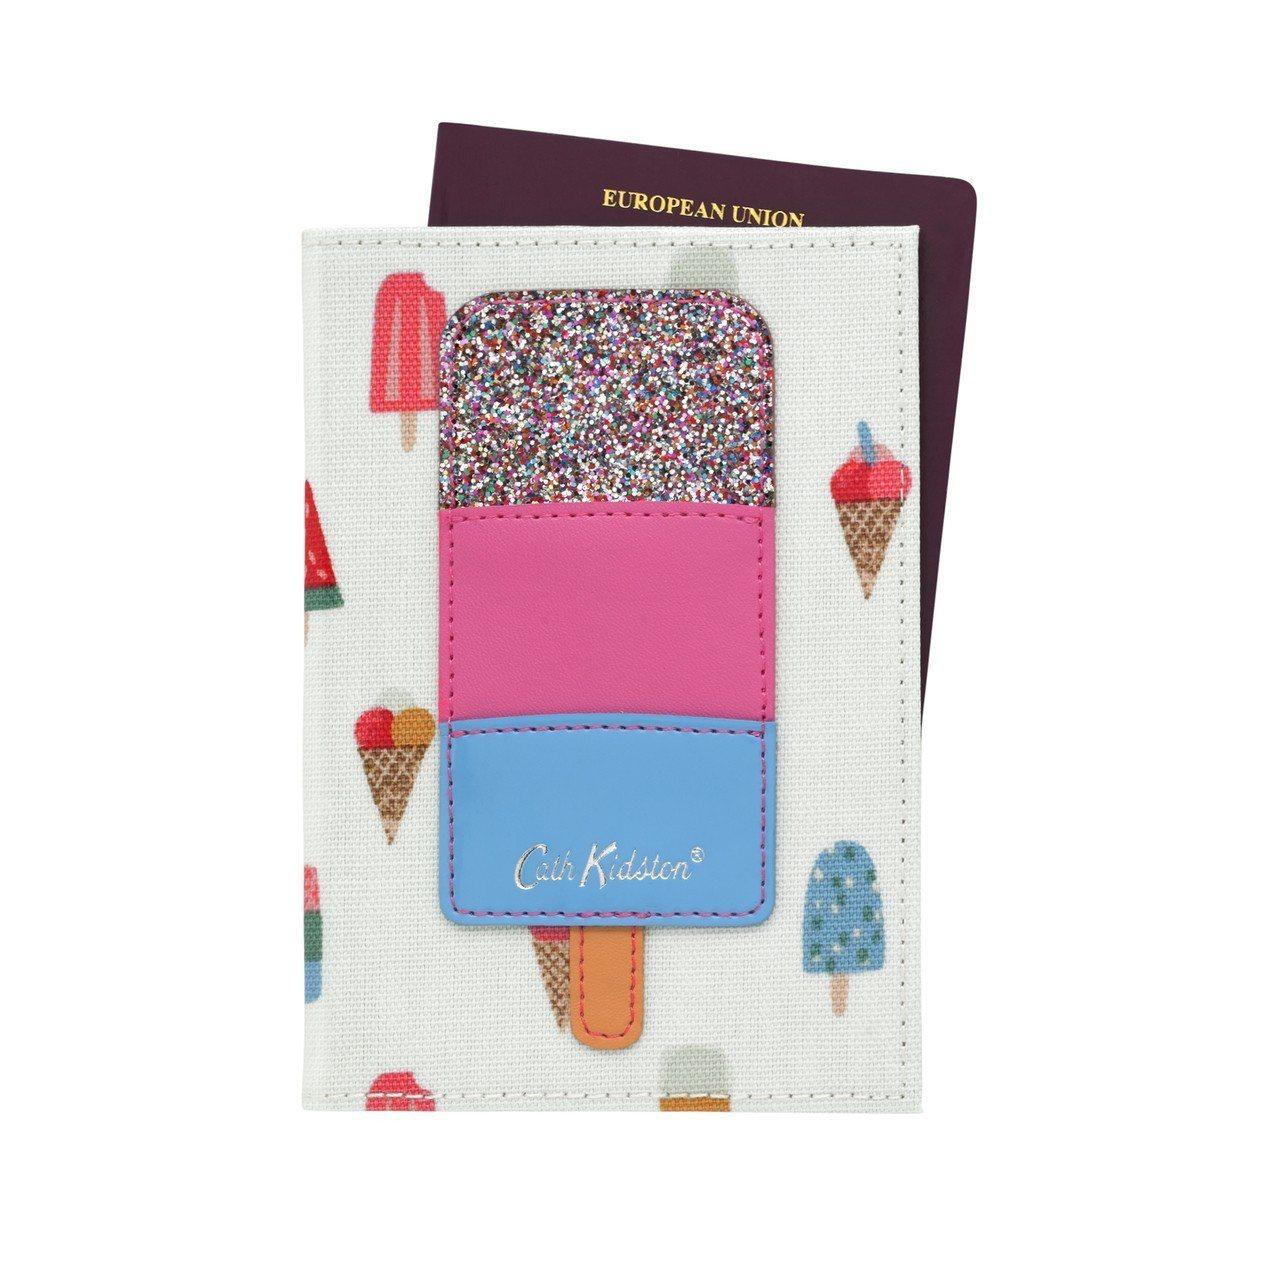 冰淇淋護照夾,780元。圖/Cath Kidston提供